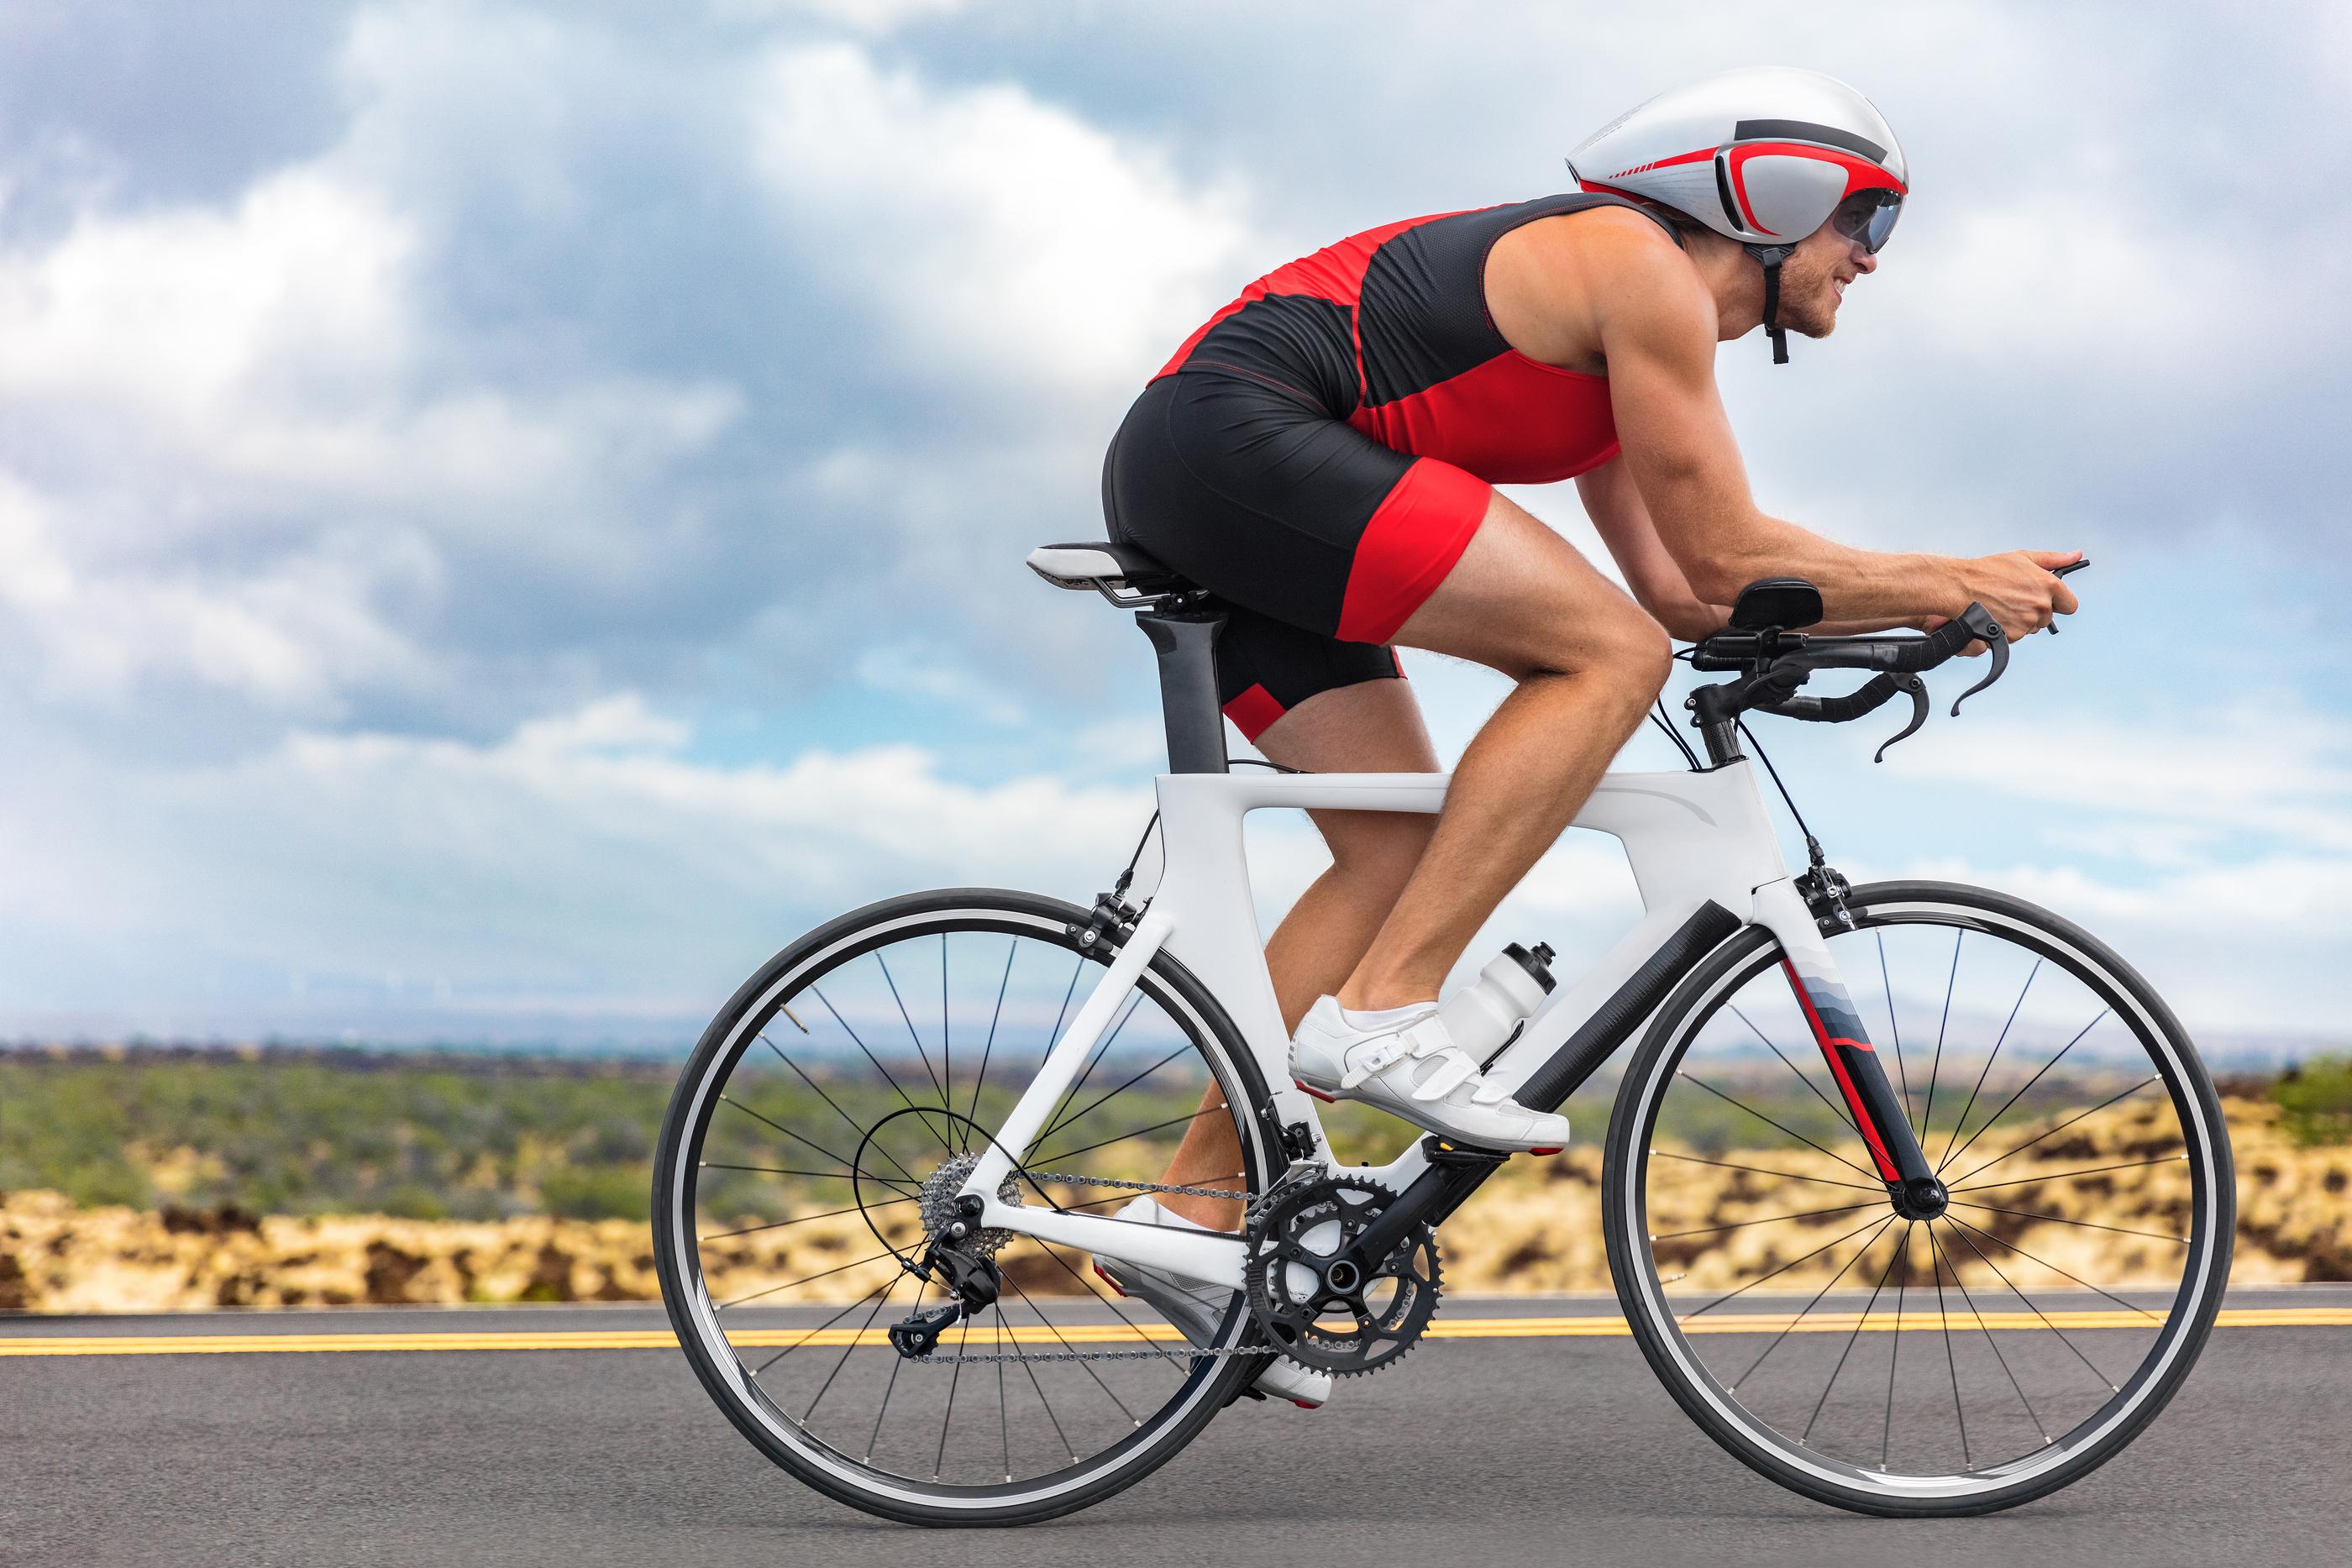 Cycling sport athlete man biking on triathlon bike. Fit male cyc